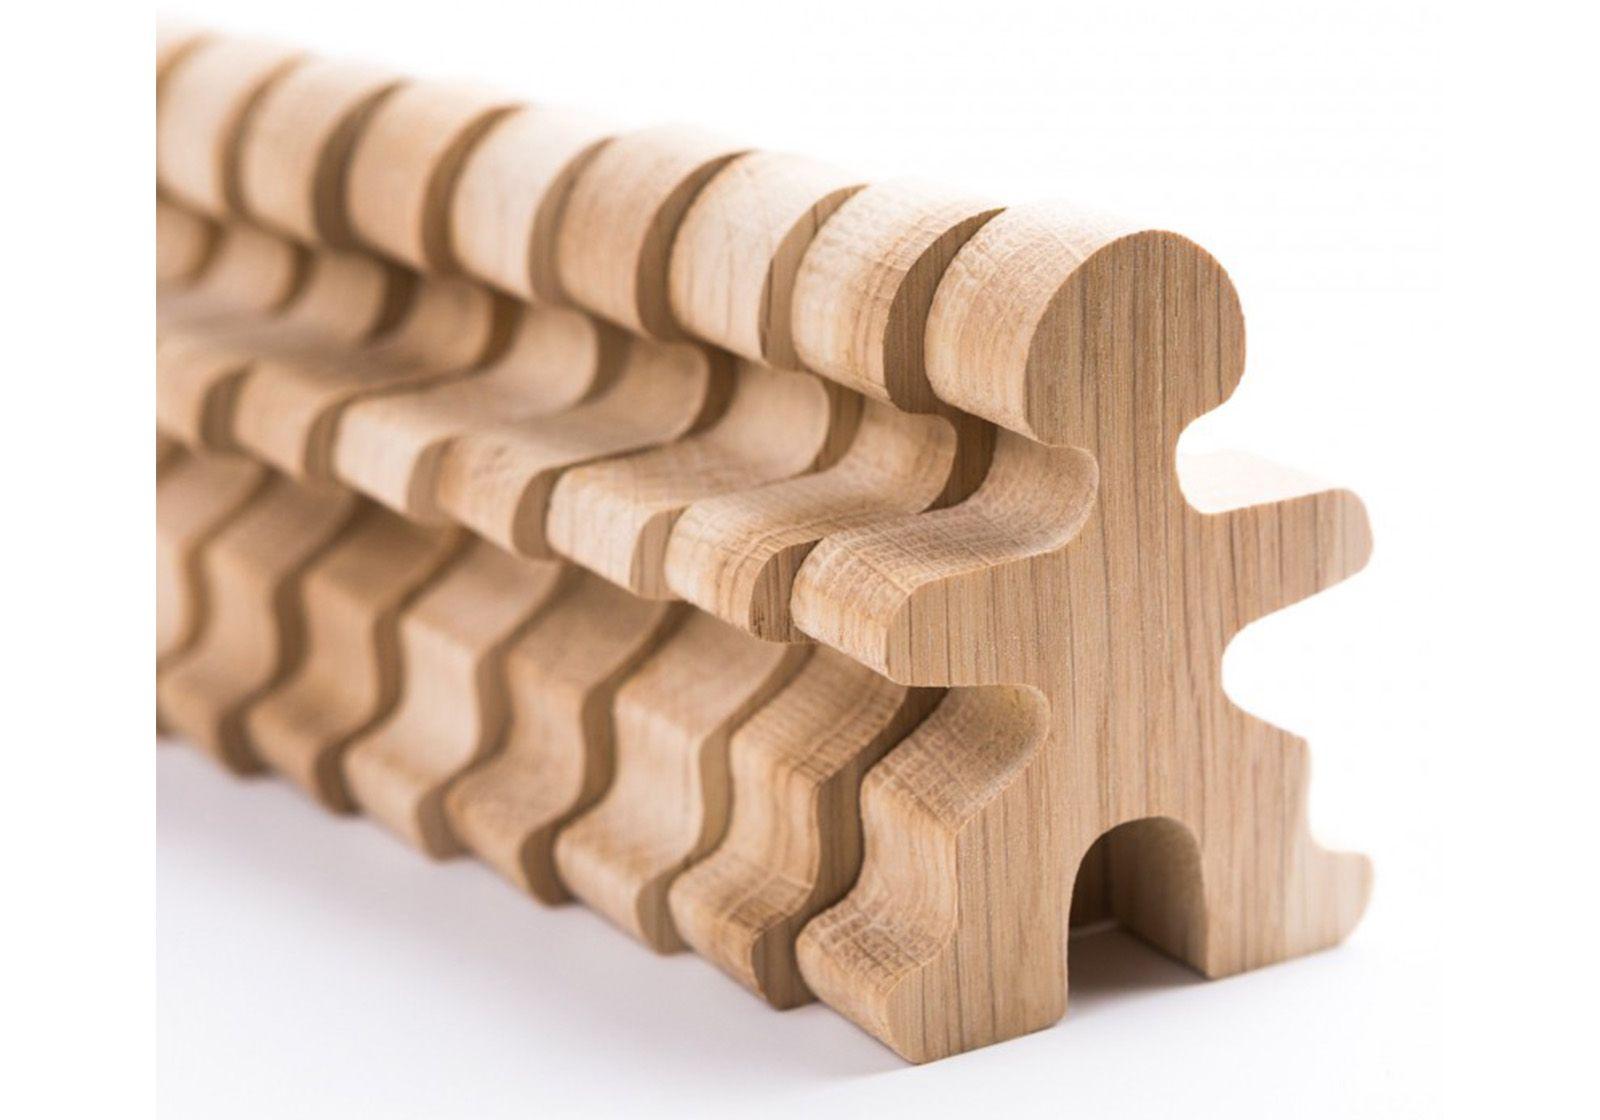 Jeux et Jouets Flockmen - Jouets en bois 16 ou 32 pcs